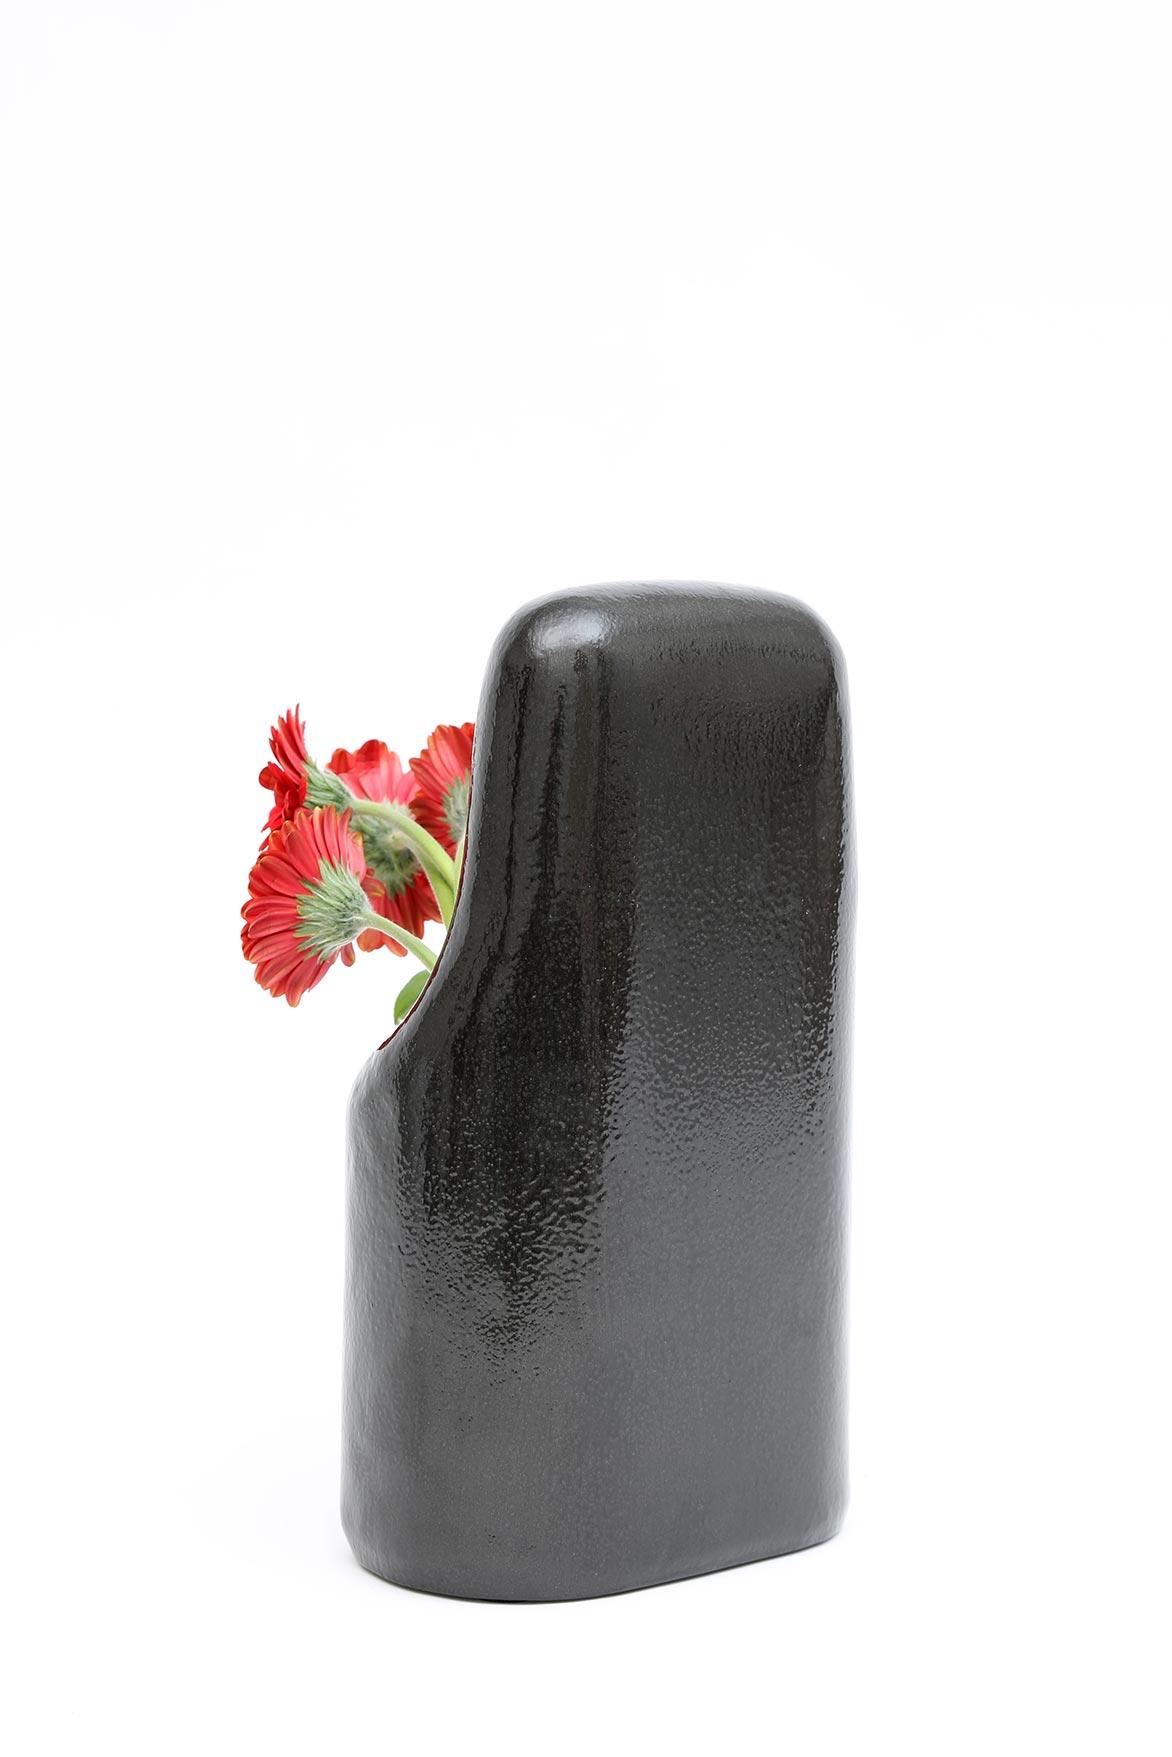 Fleur de Peau vase